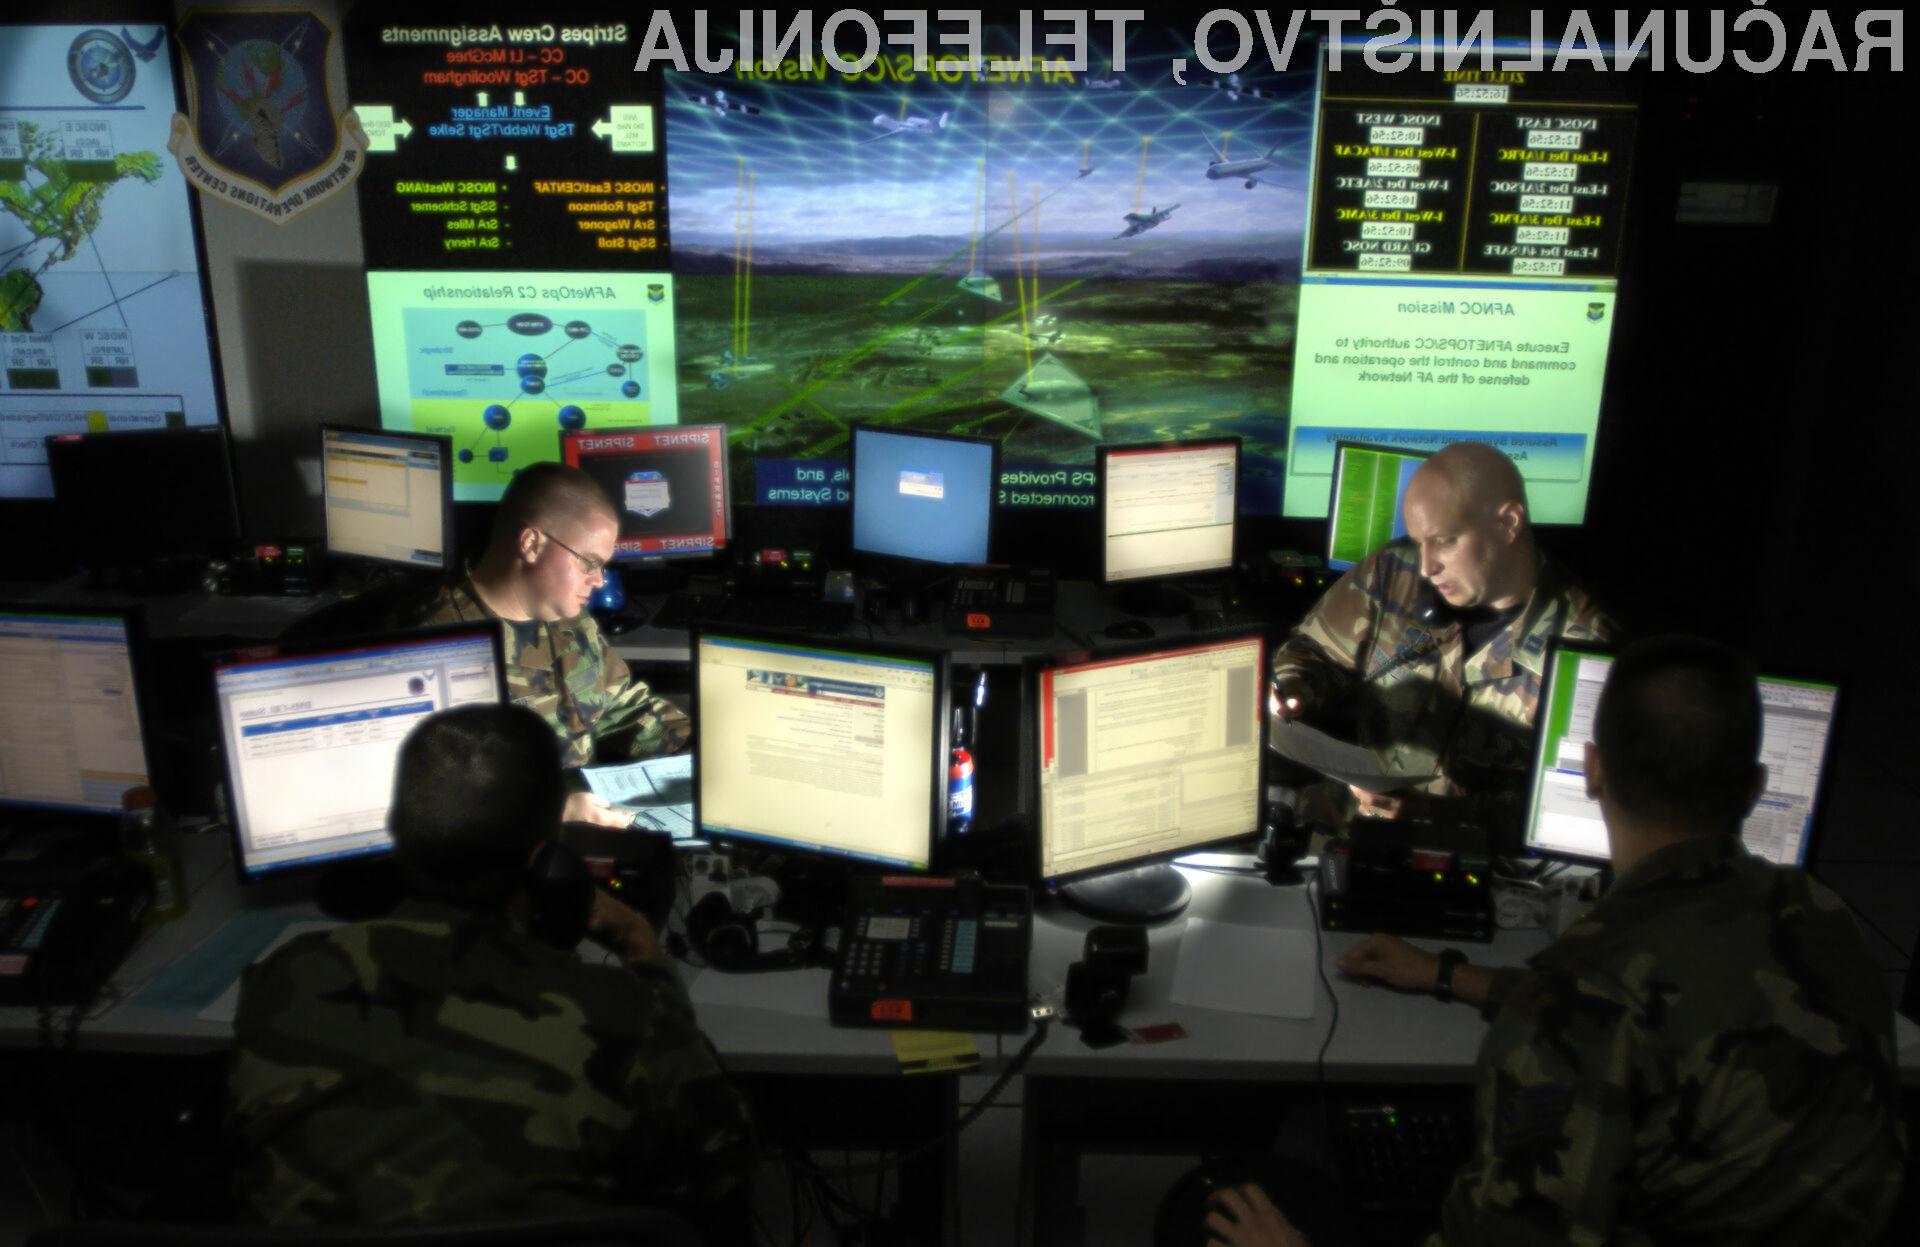 Vojskovanje na internetu vse bolj pridobiva na pomenu!